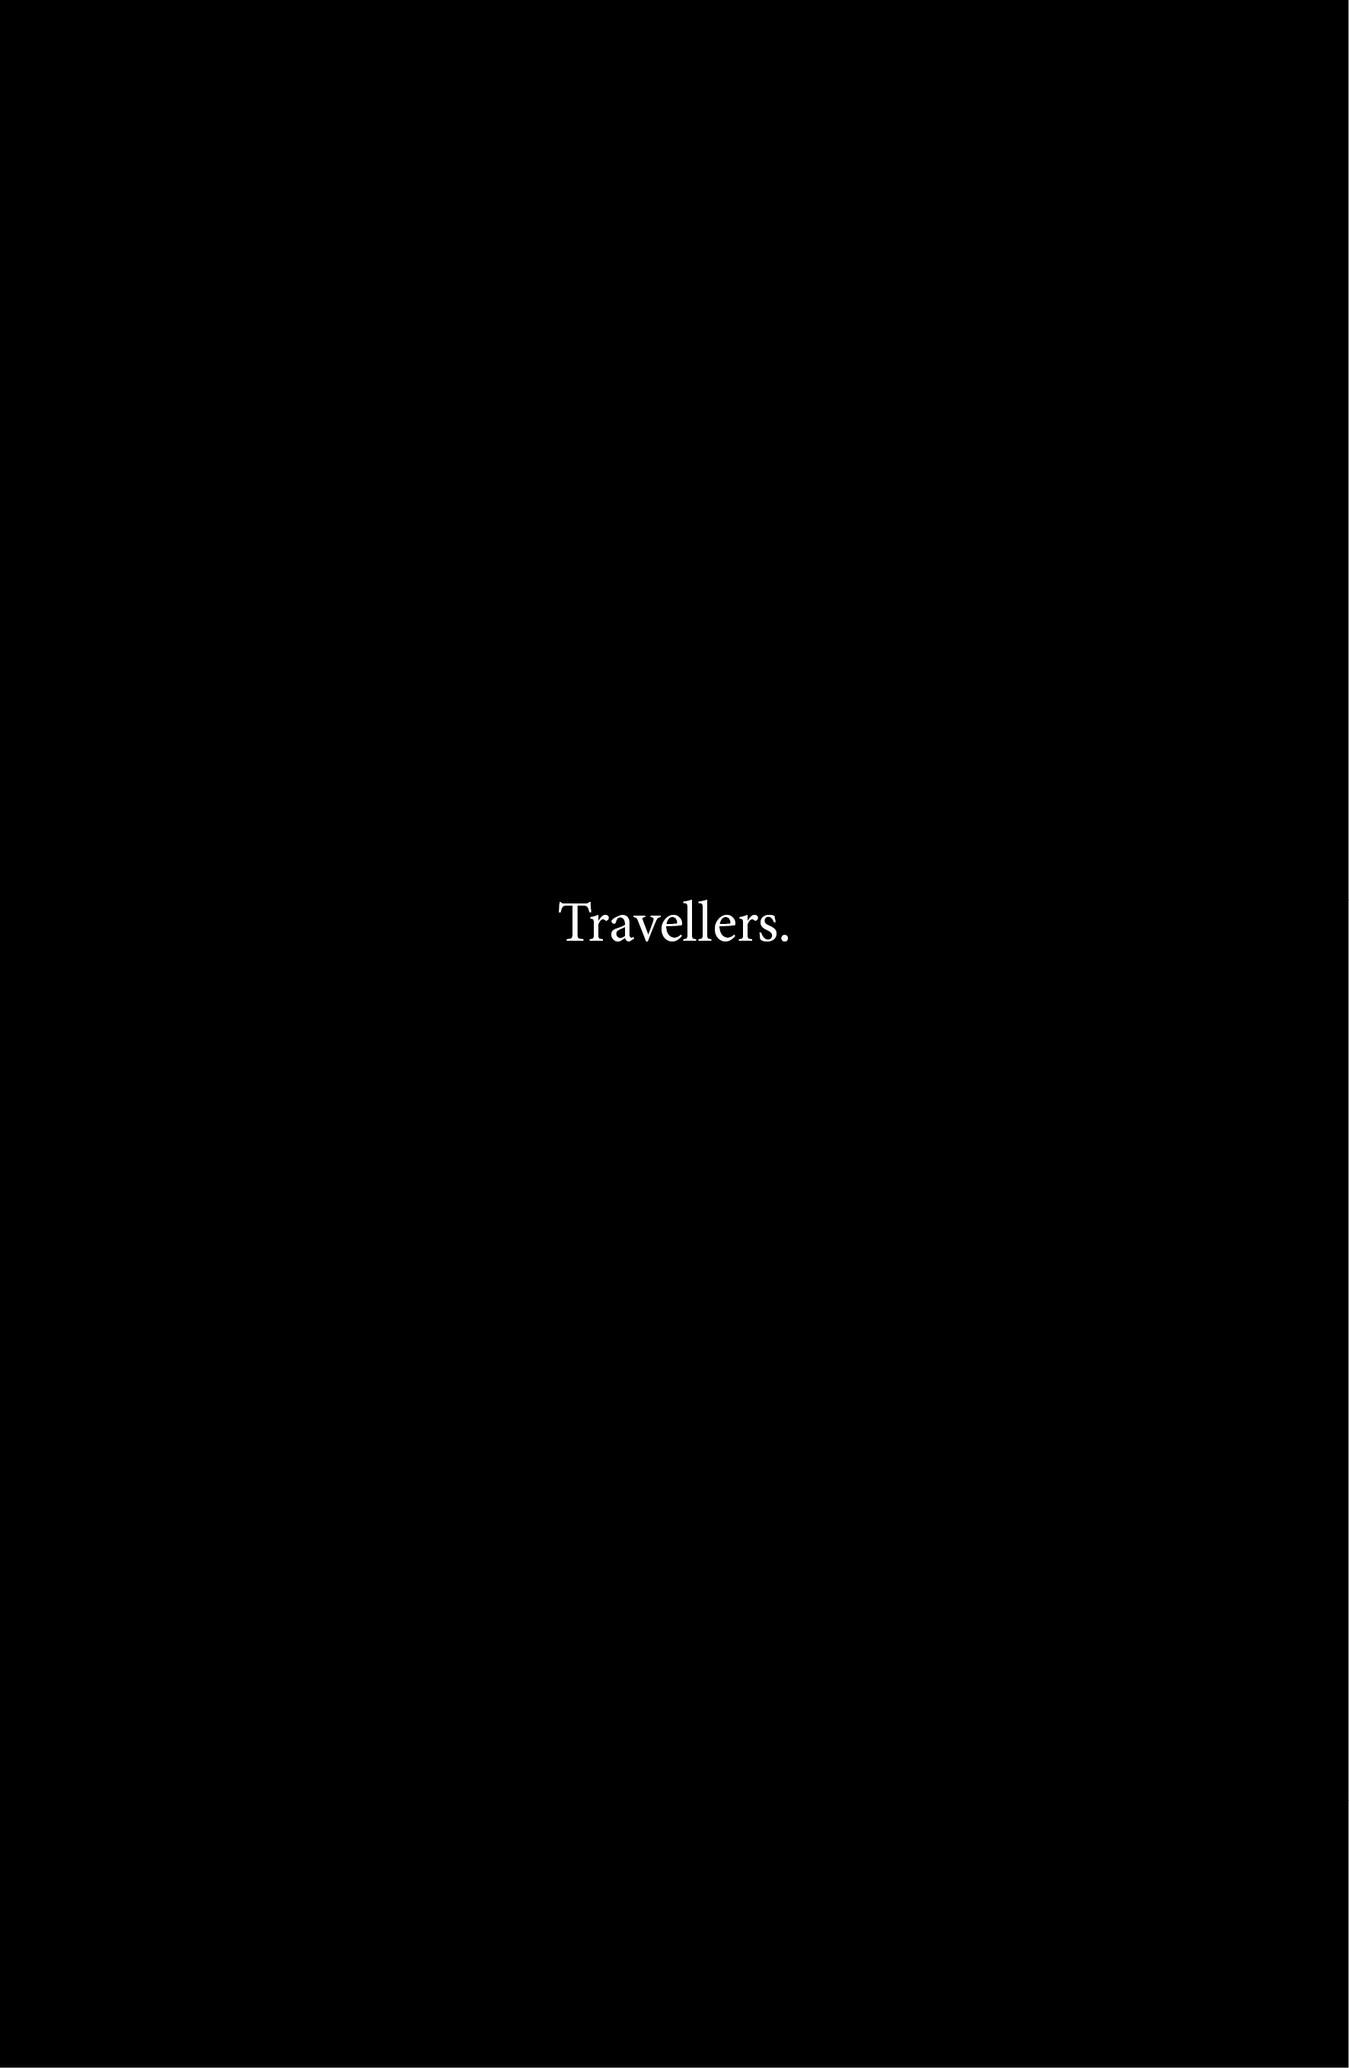 Travellers Final Spread.jpg